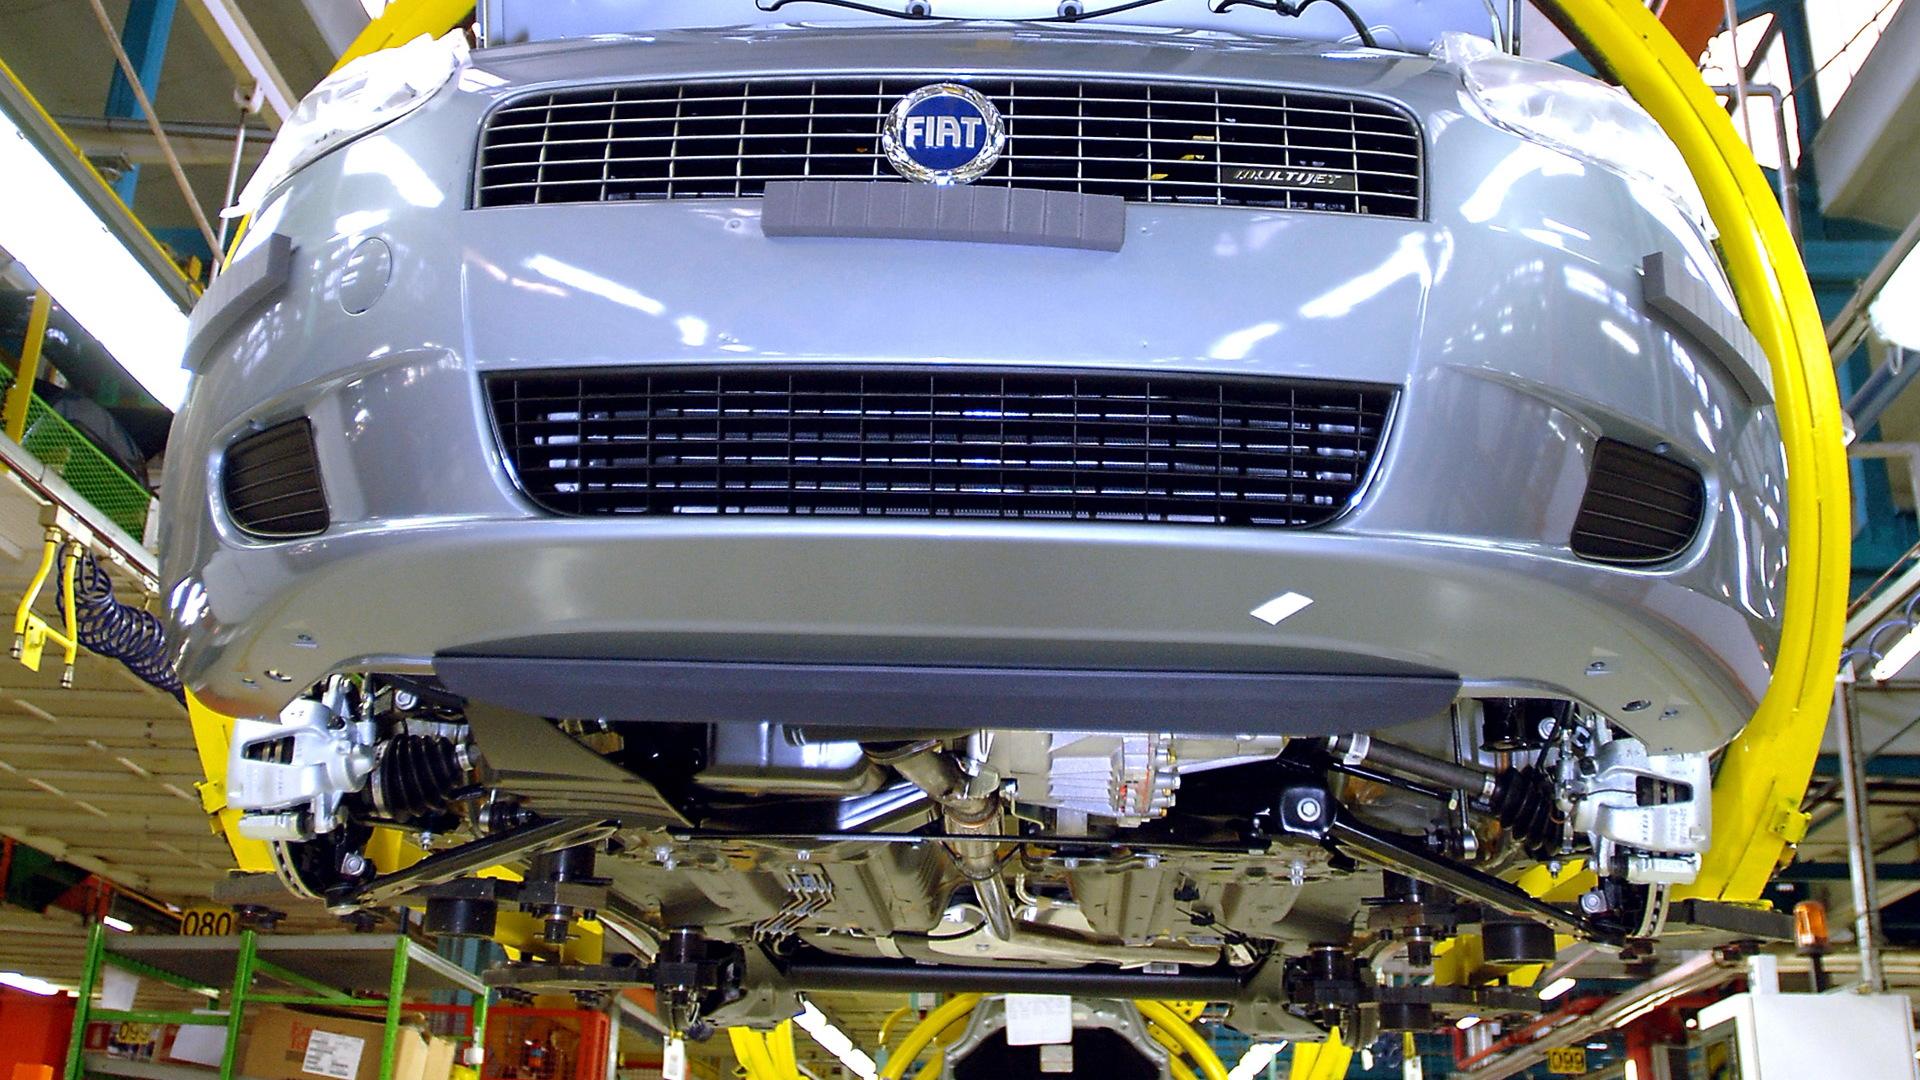 Fiat Punto production at Miafiori plant